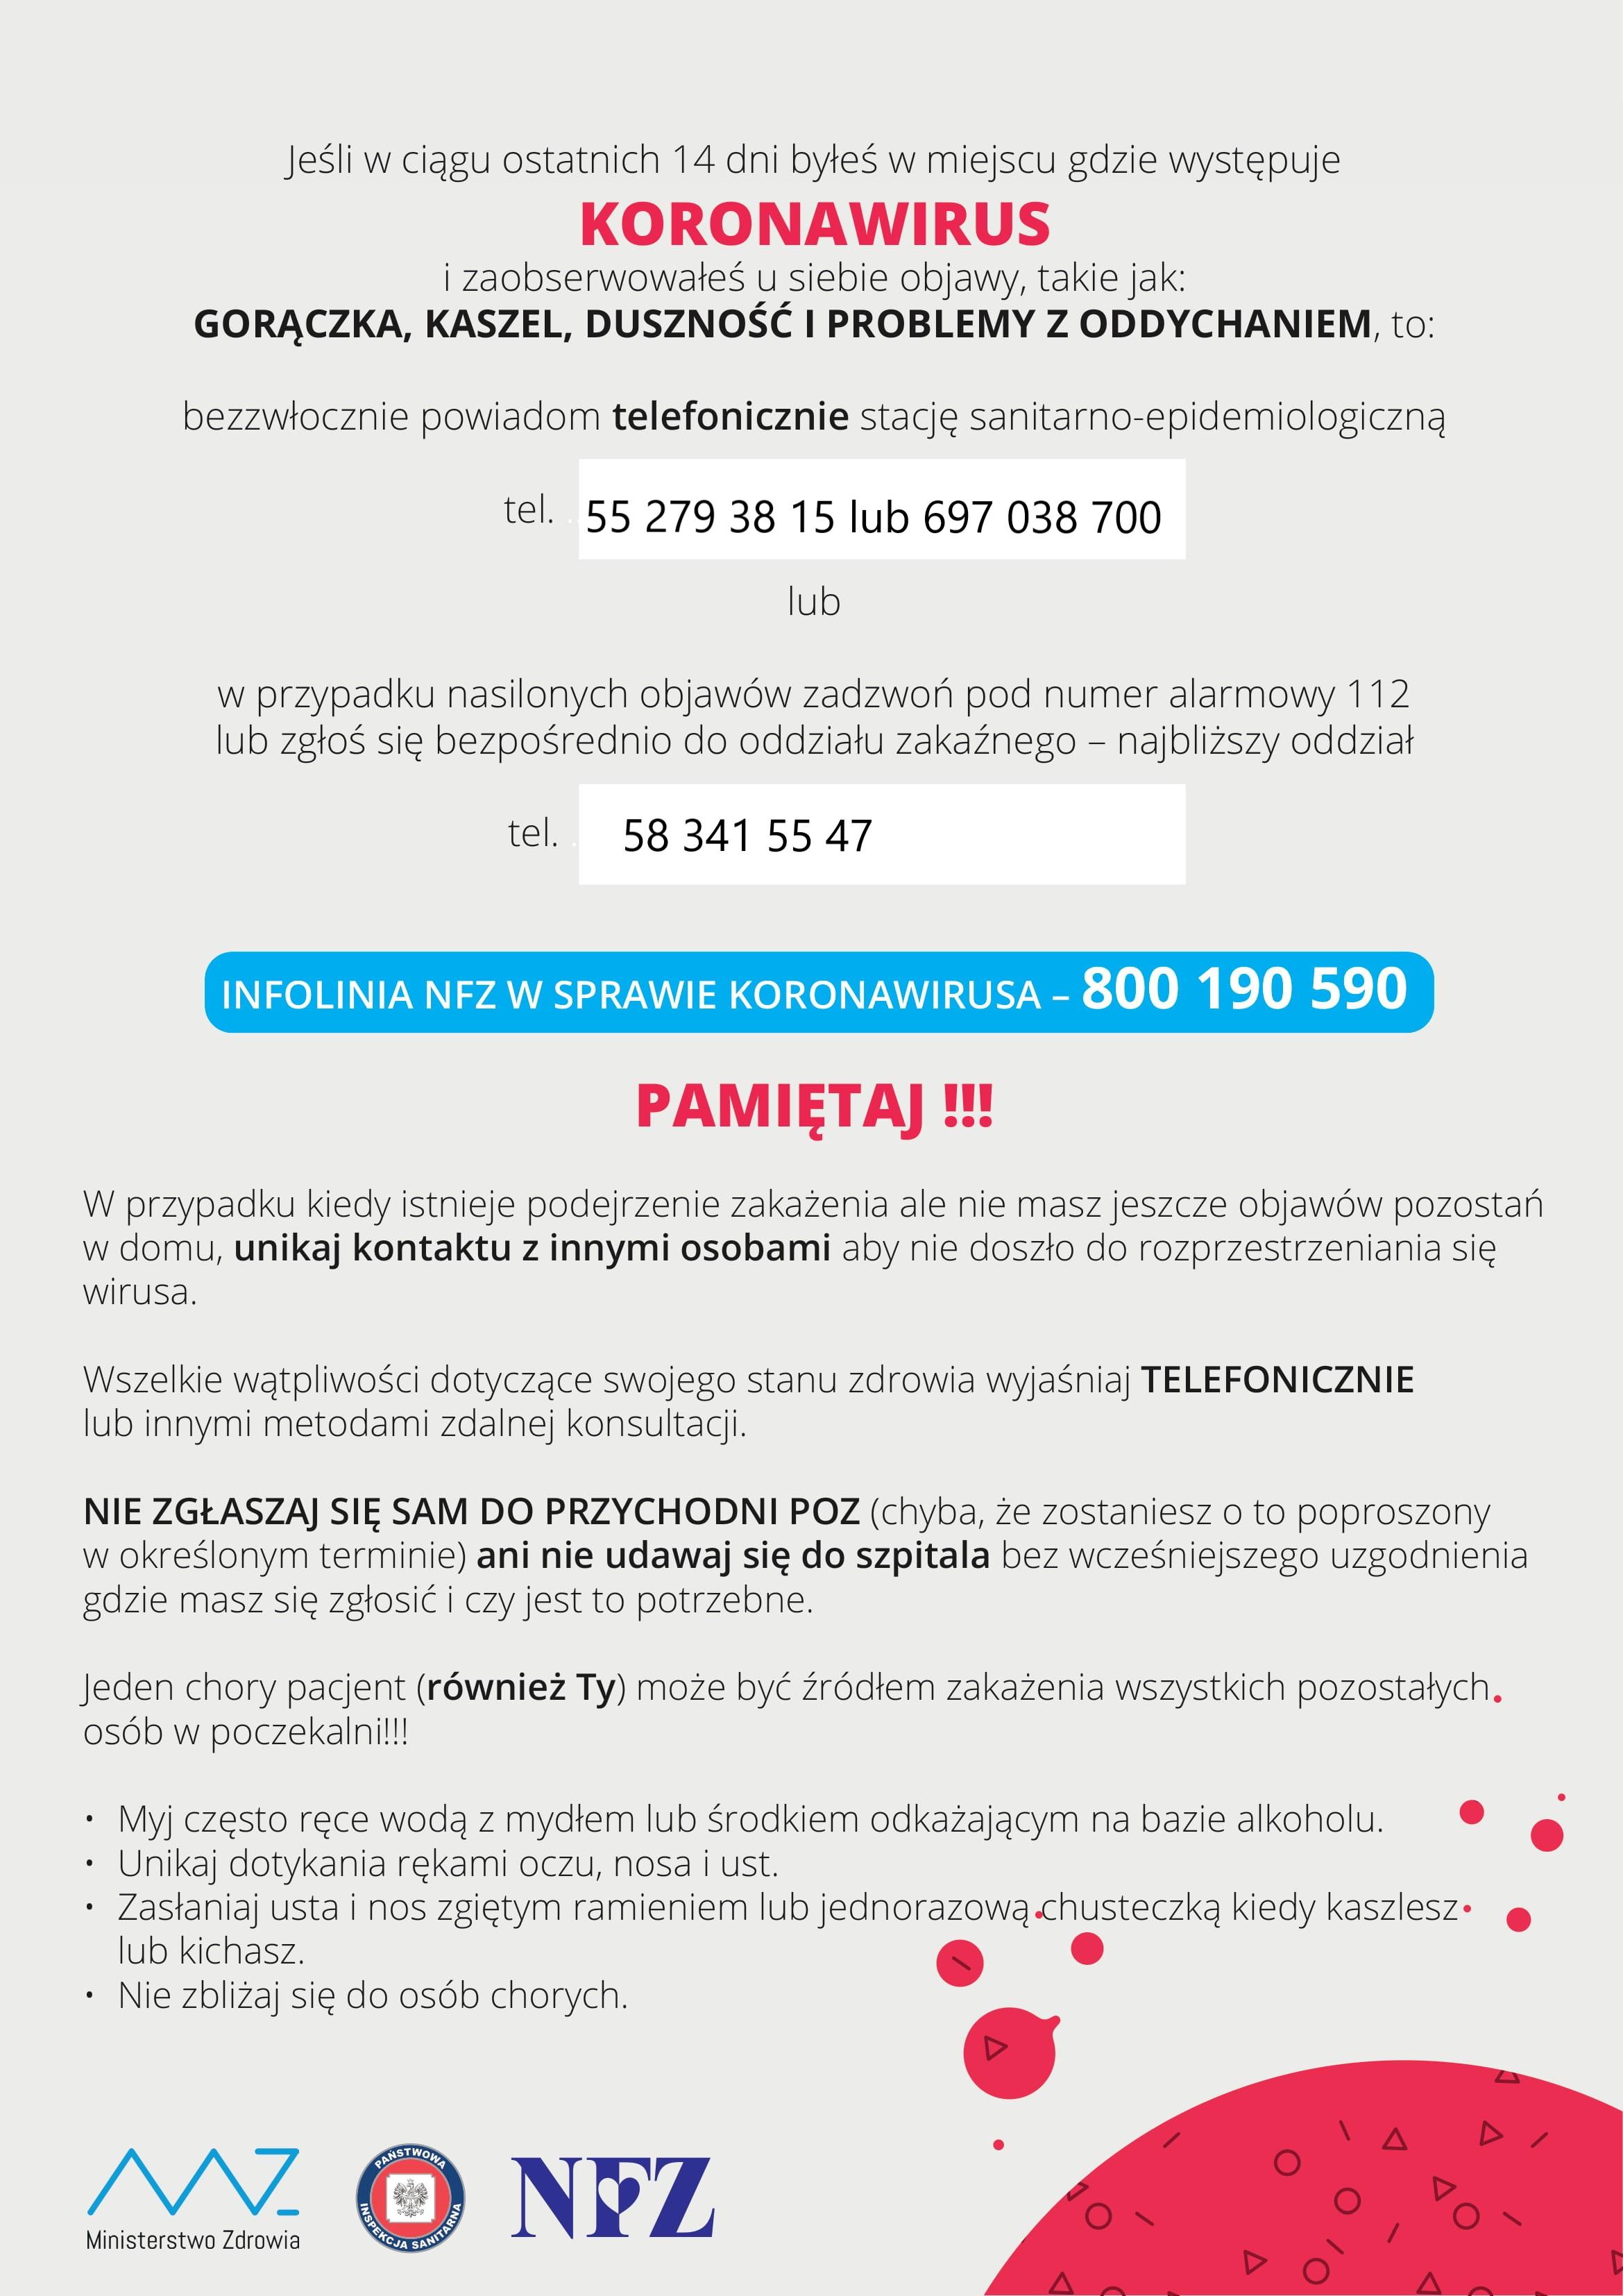 Kwidzyn KV_plakat_A3_2 - szpitale (002)-2